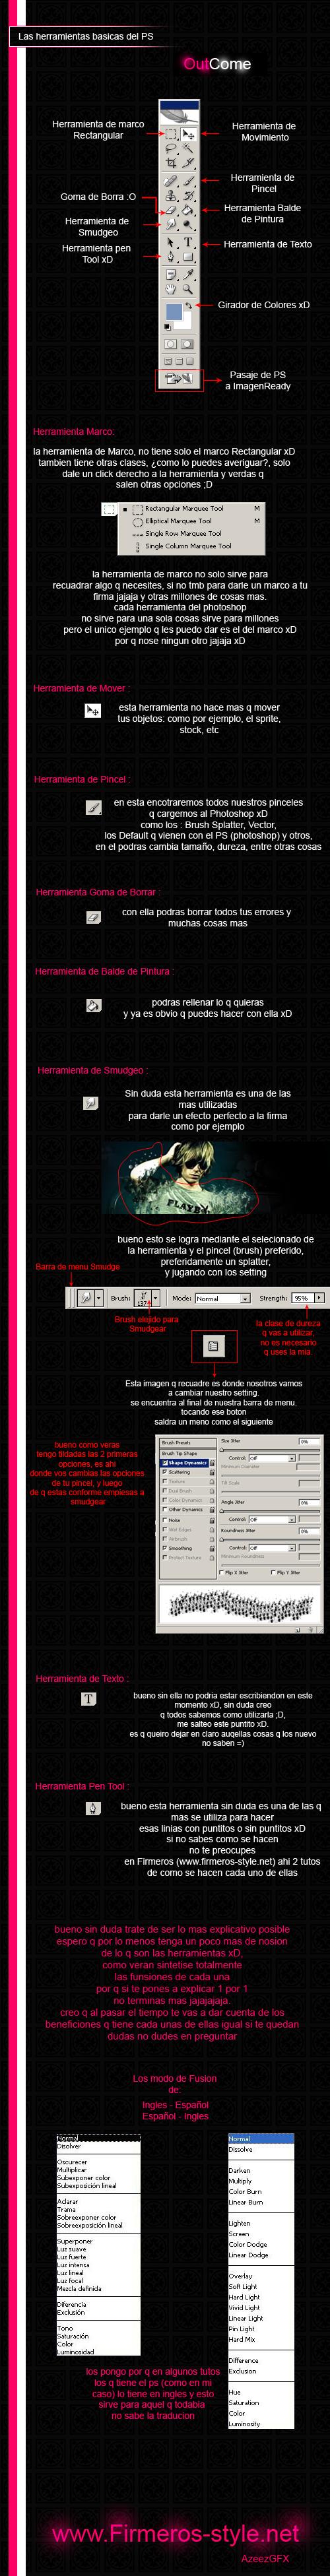 Herramientas del PS! Herramienta_del_PS_by_AzeezGFX